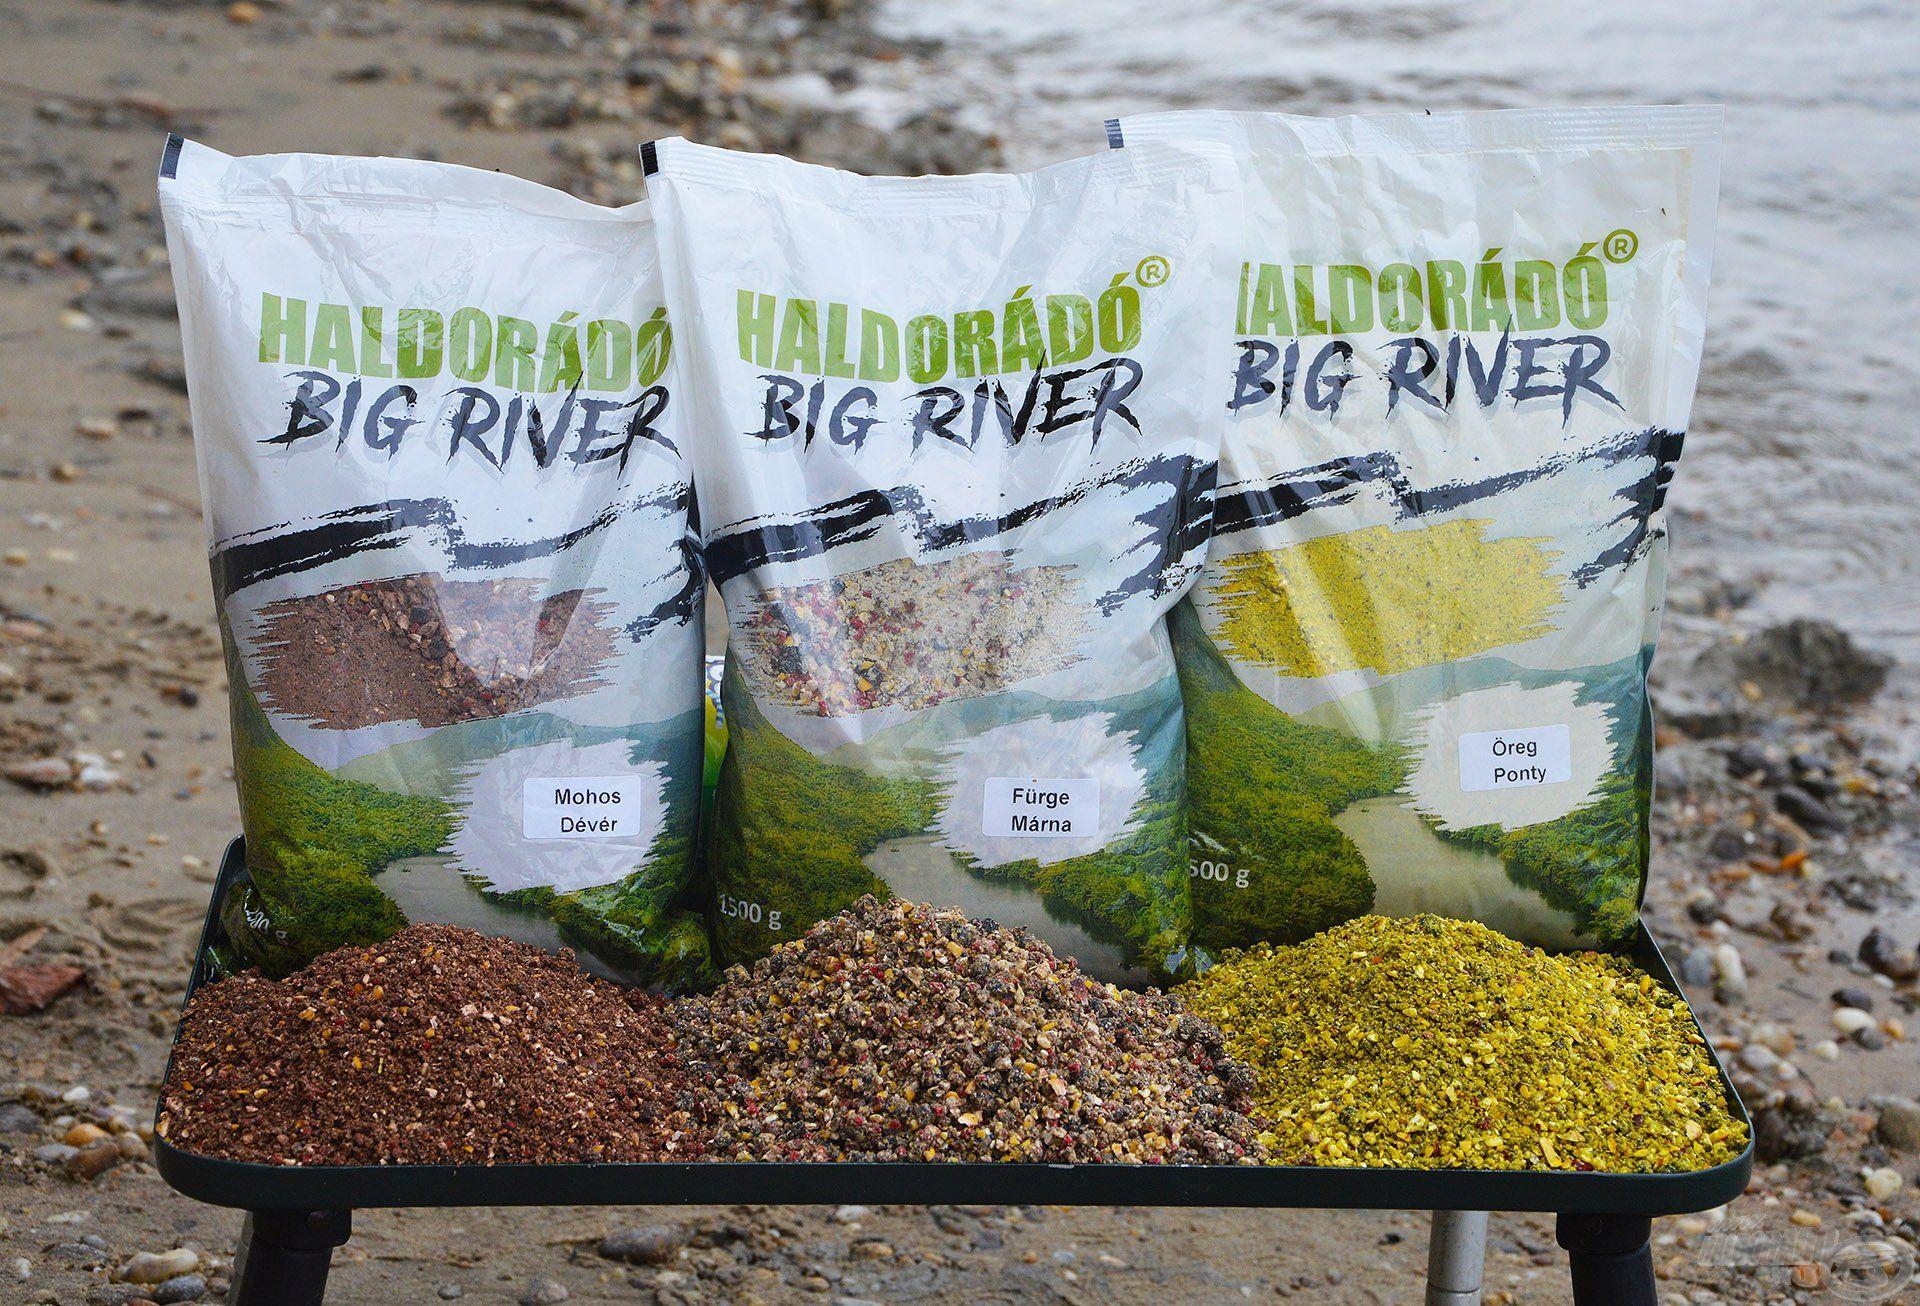 A Haldorádó Big River etetőanyag család három taggal jelent meg ez év őszén a palettán